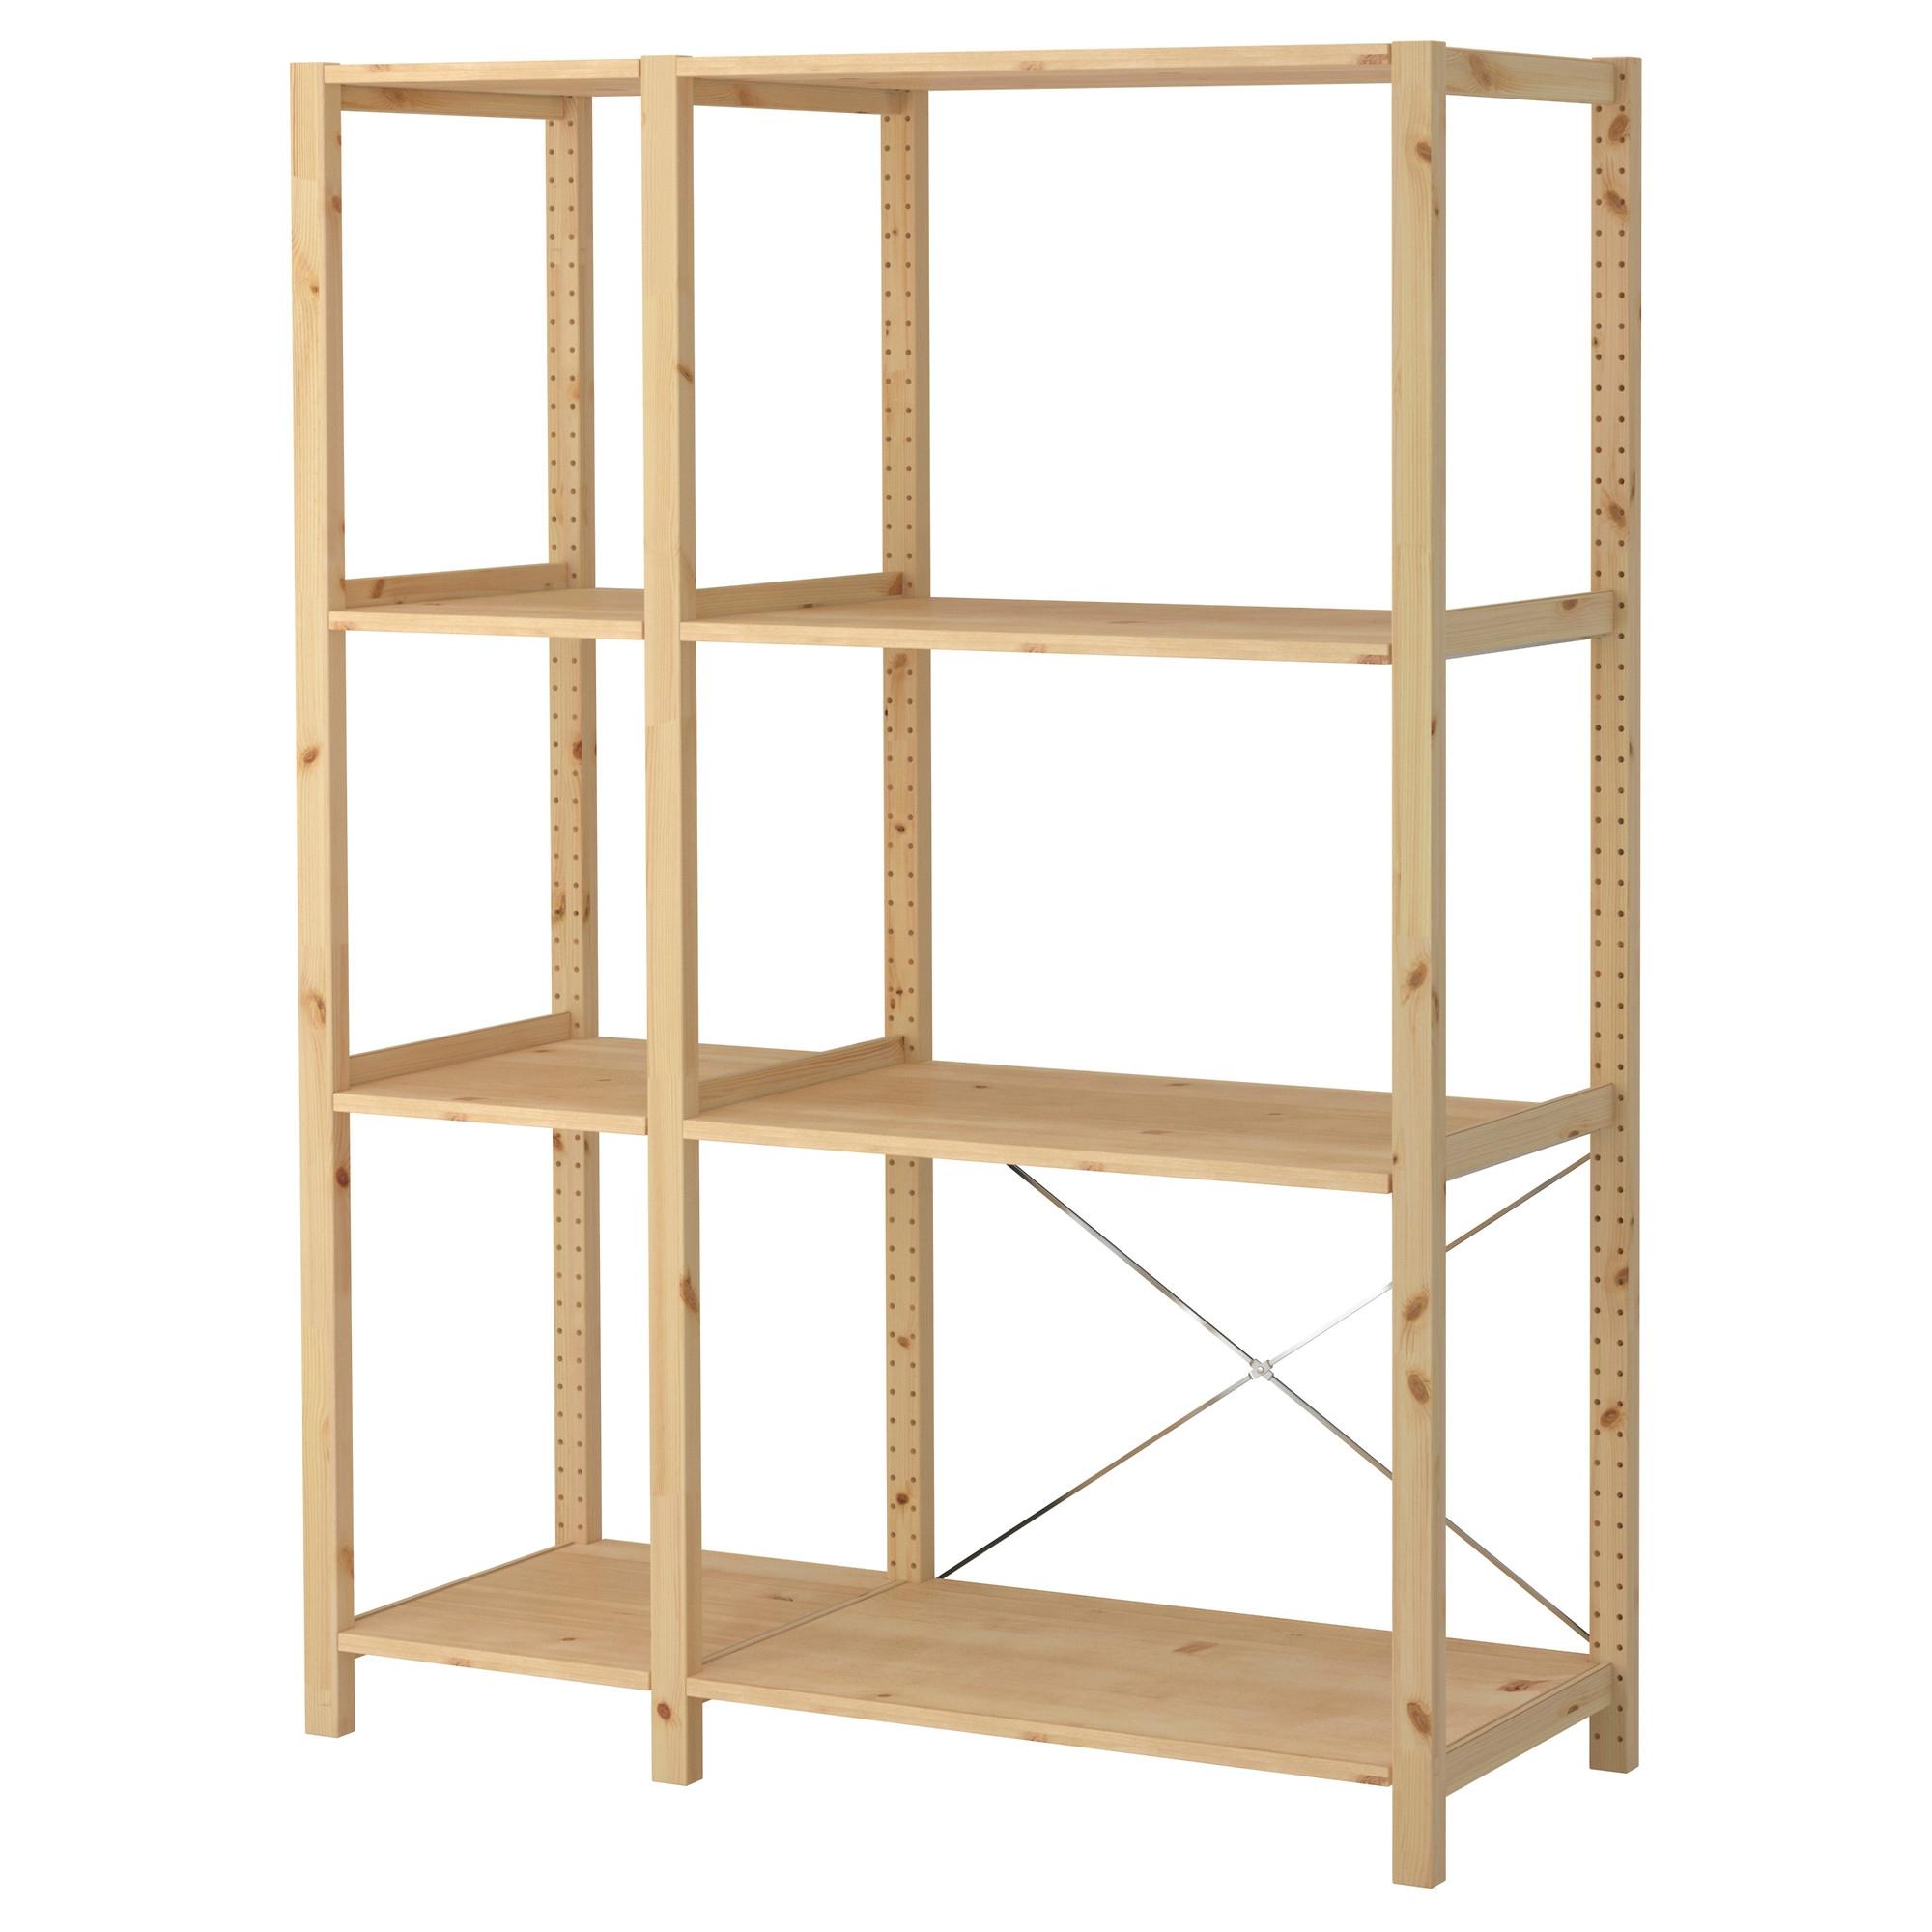 Cube Storage Cube Storage Unit Ikea Inside Storage Shelving Units (#4 of 15)